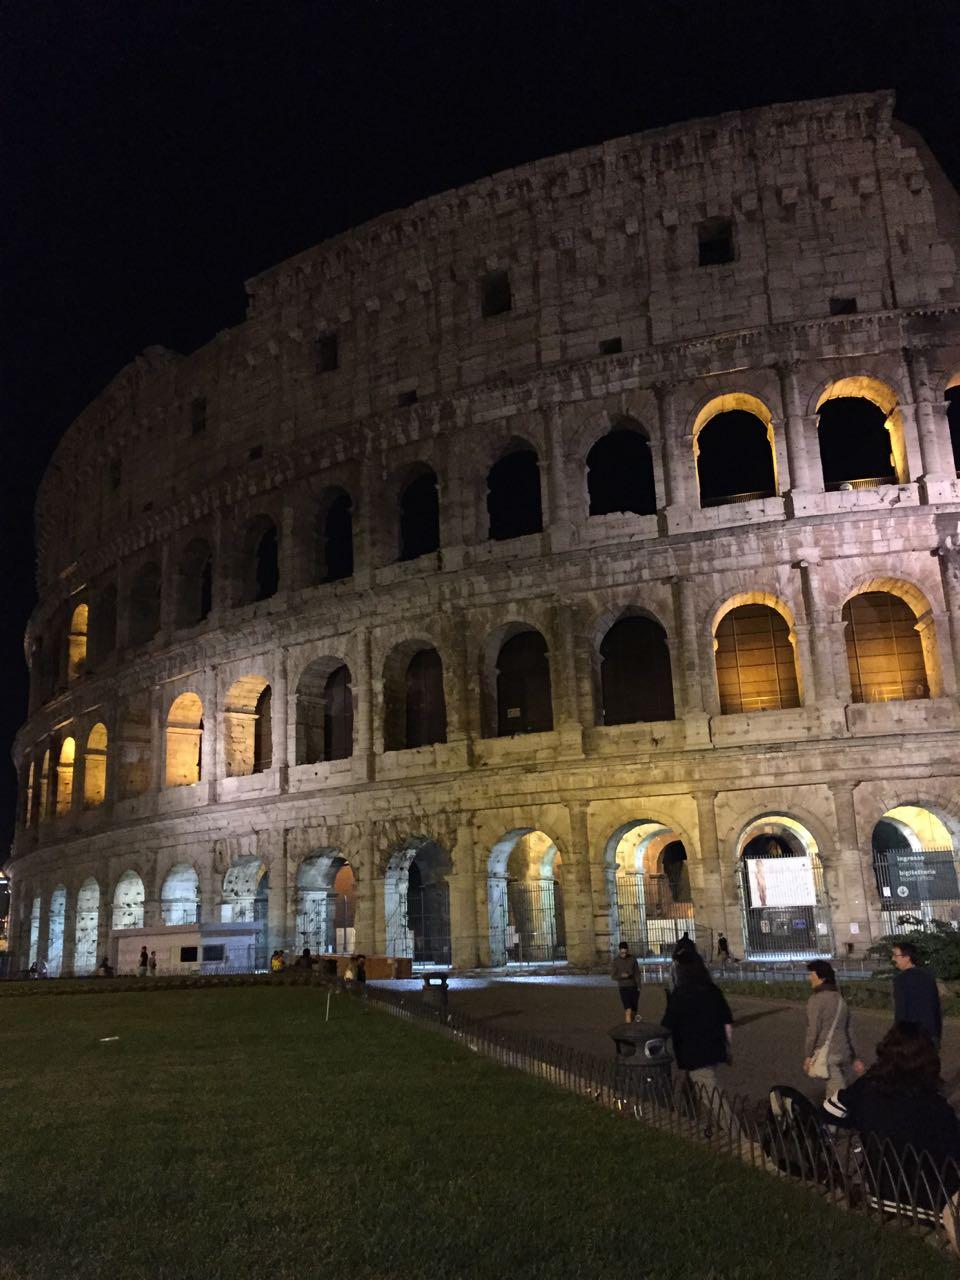 1FTtravel Rome - Colosseo Celio - Lazio, May 19, 2015 - 1 of 4